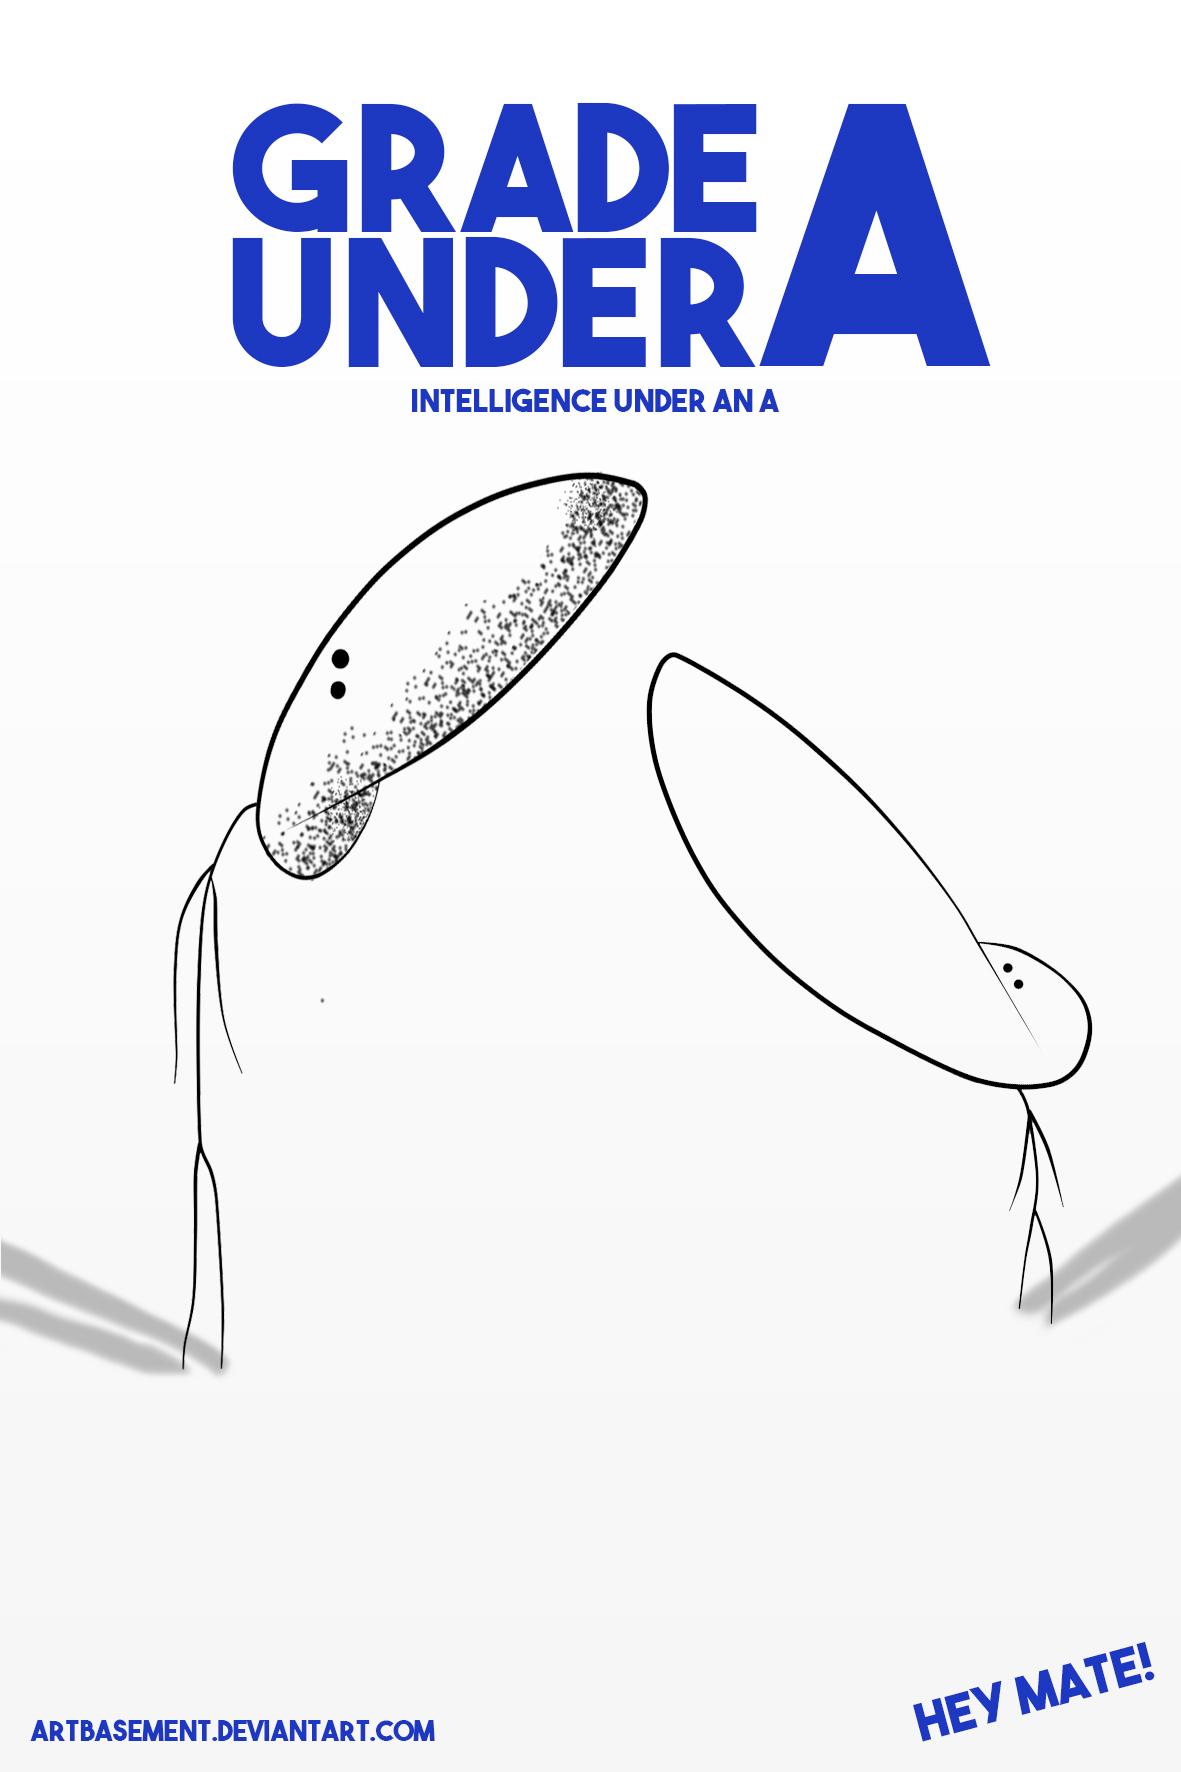 GRADE A UNDER A - Poster